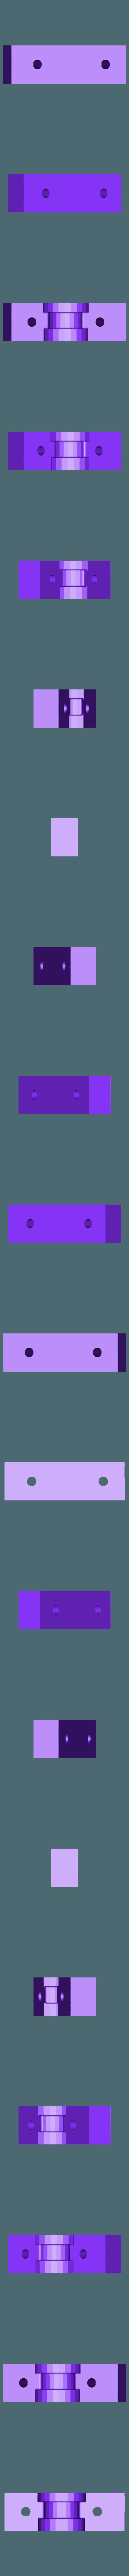 fixateur.stl Télécharger fichier STL gratuit E3D sur DAVINCI AIO • Objet pour imprimante 3D, bricodx